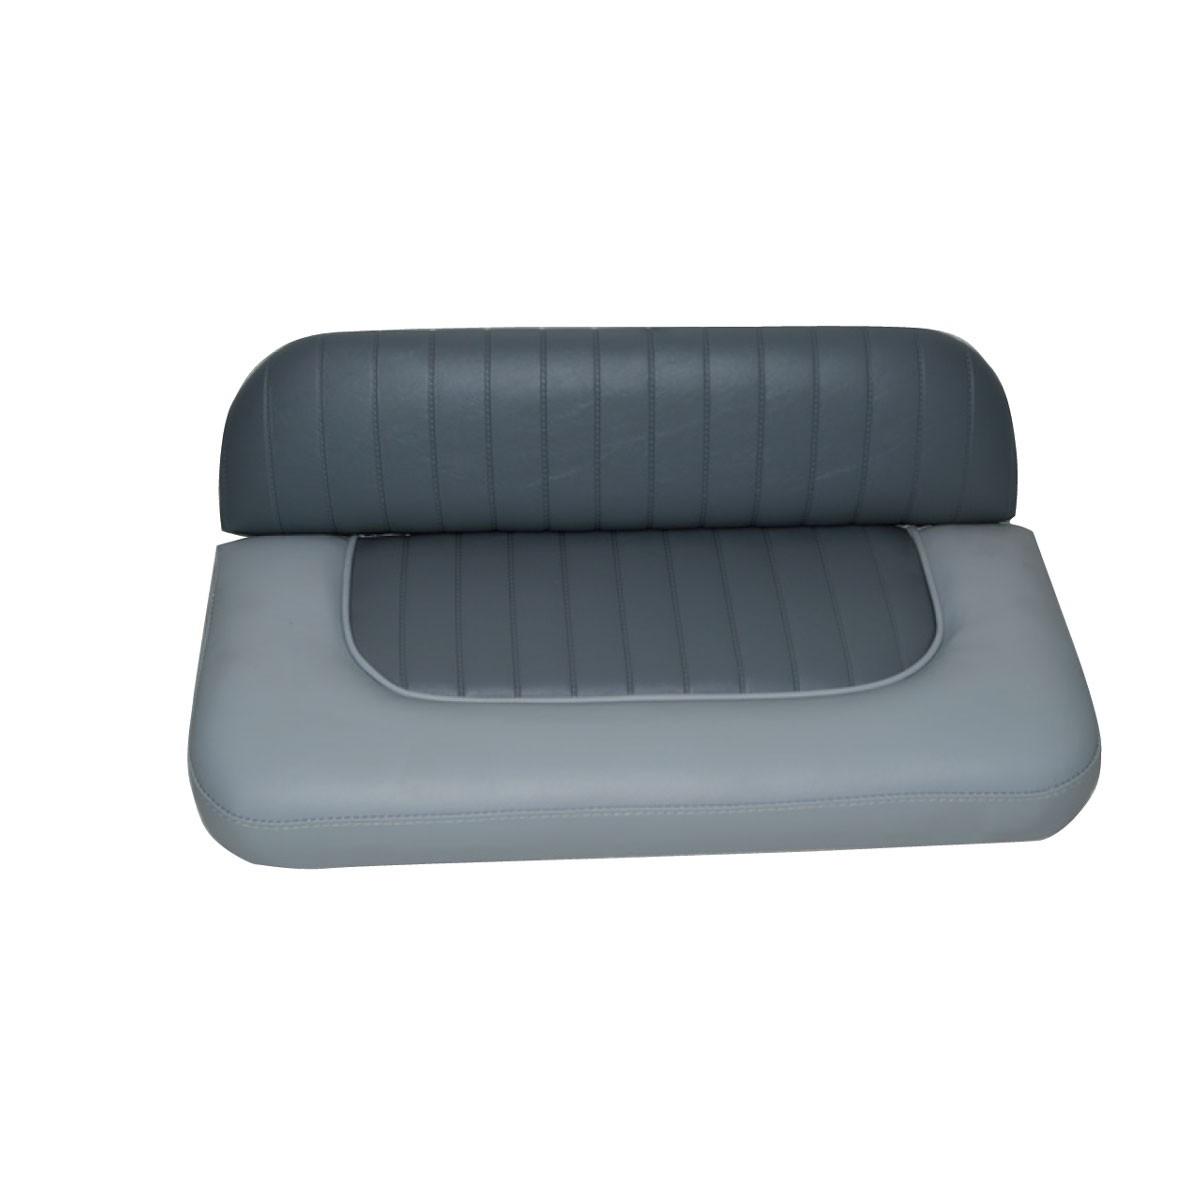 147.22 - Μαξιλάρια Για Κάθισμα Πολυεστερικό